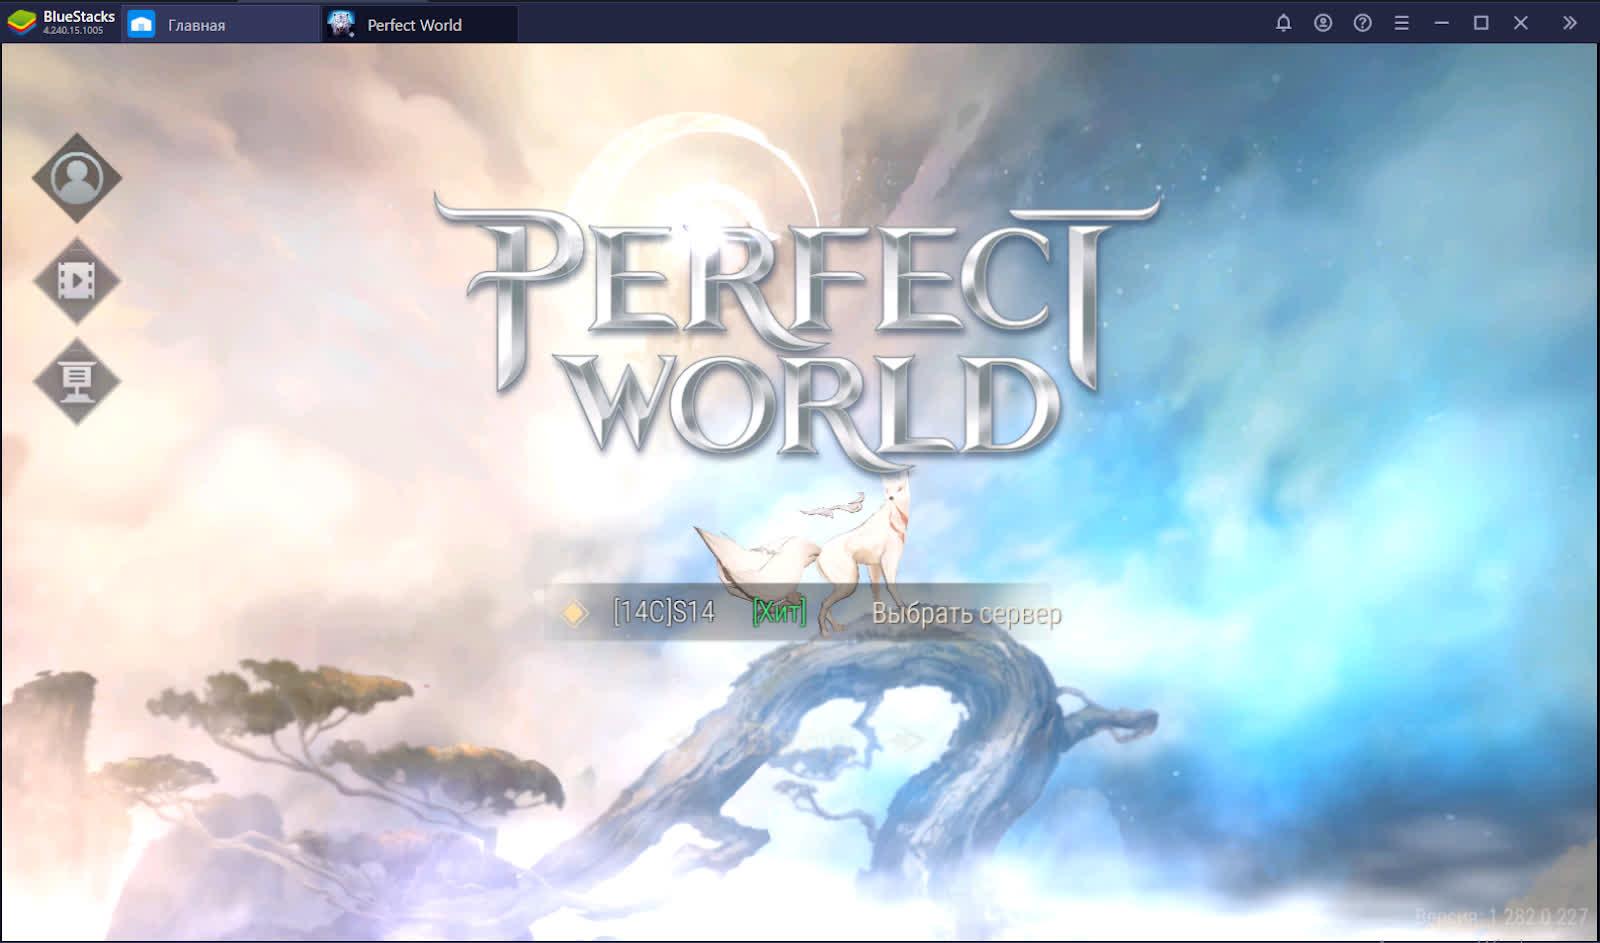 Обзорный гайд по Perfect World Mobile. История мира, доступные расы и классы, игровой процесс